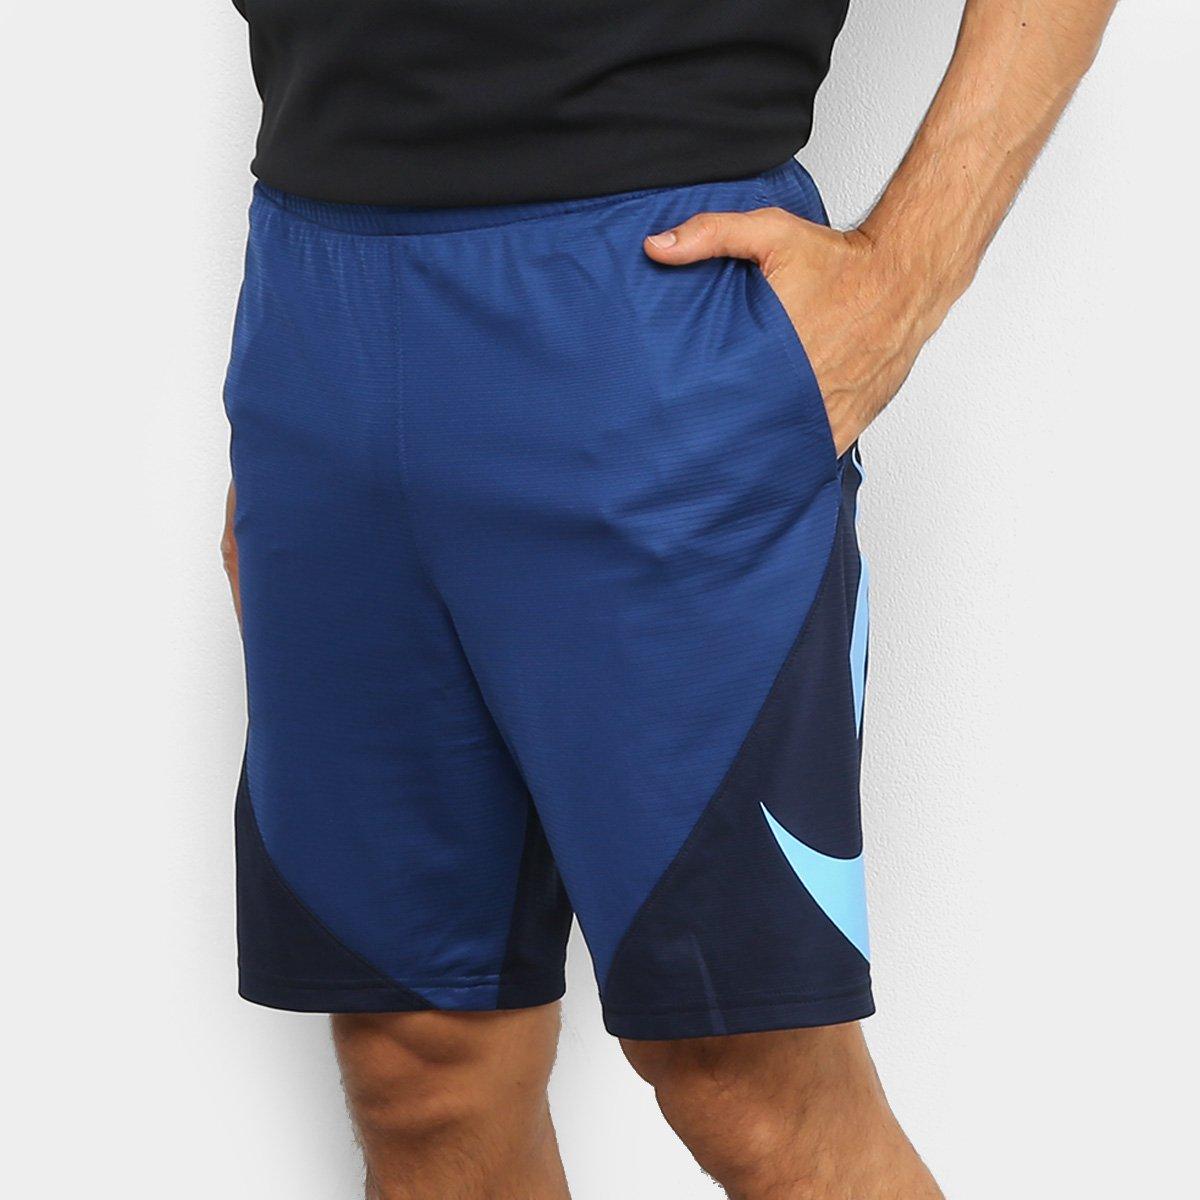 garantía limitada 60% barato promoción especial Bermuda Nike HBR Masculina - Azul Royal | Loja NBA